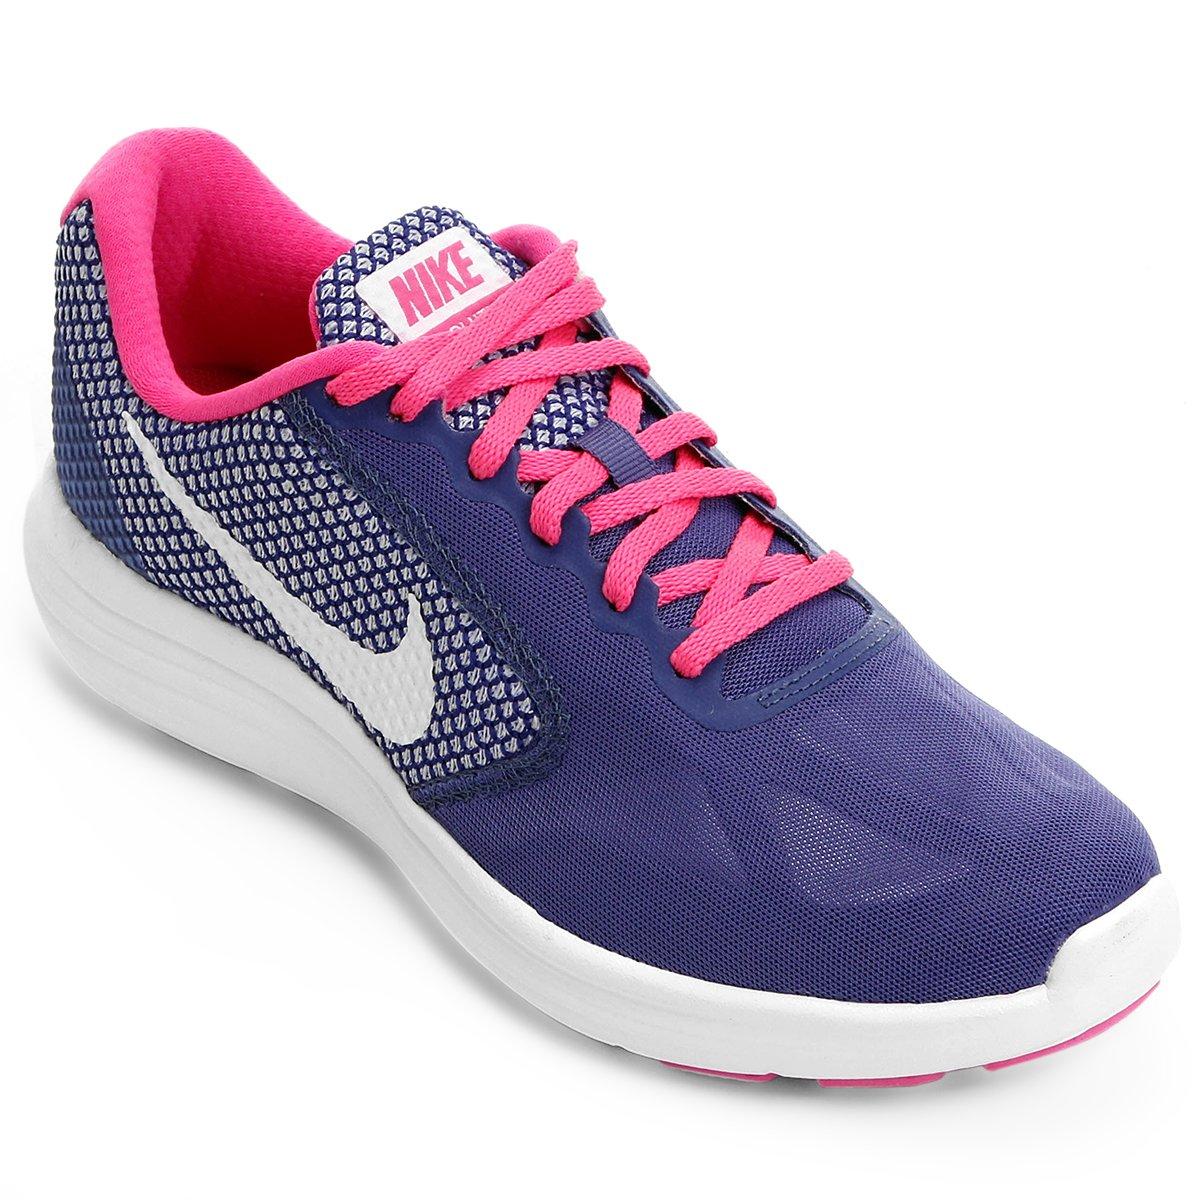 6cbee01050 Tênis Nike Revolution 3 Feminino - Roxo e Rosa - Compre Agora